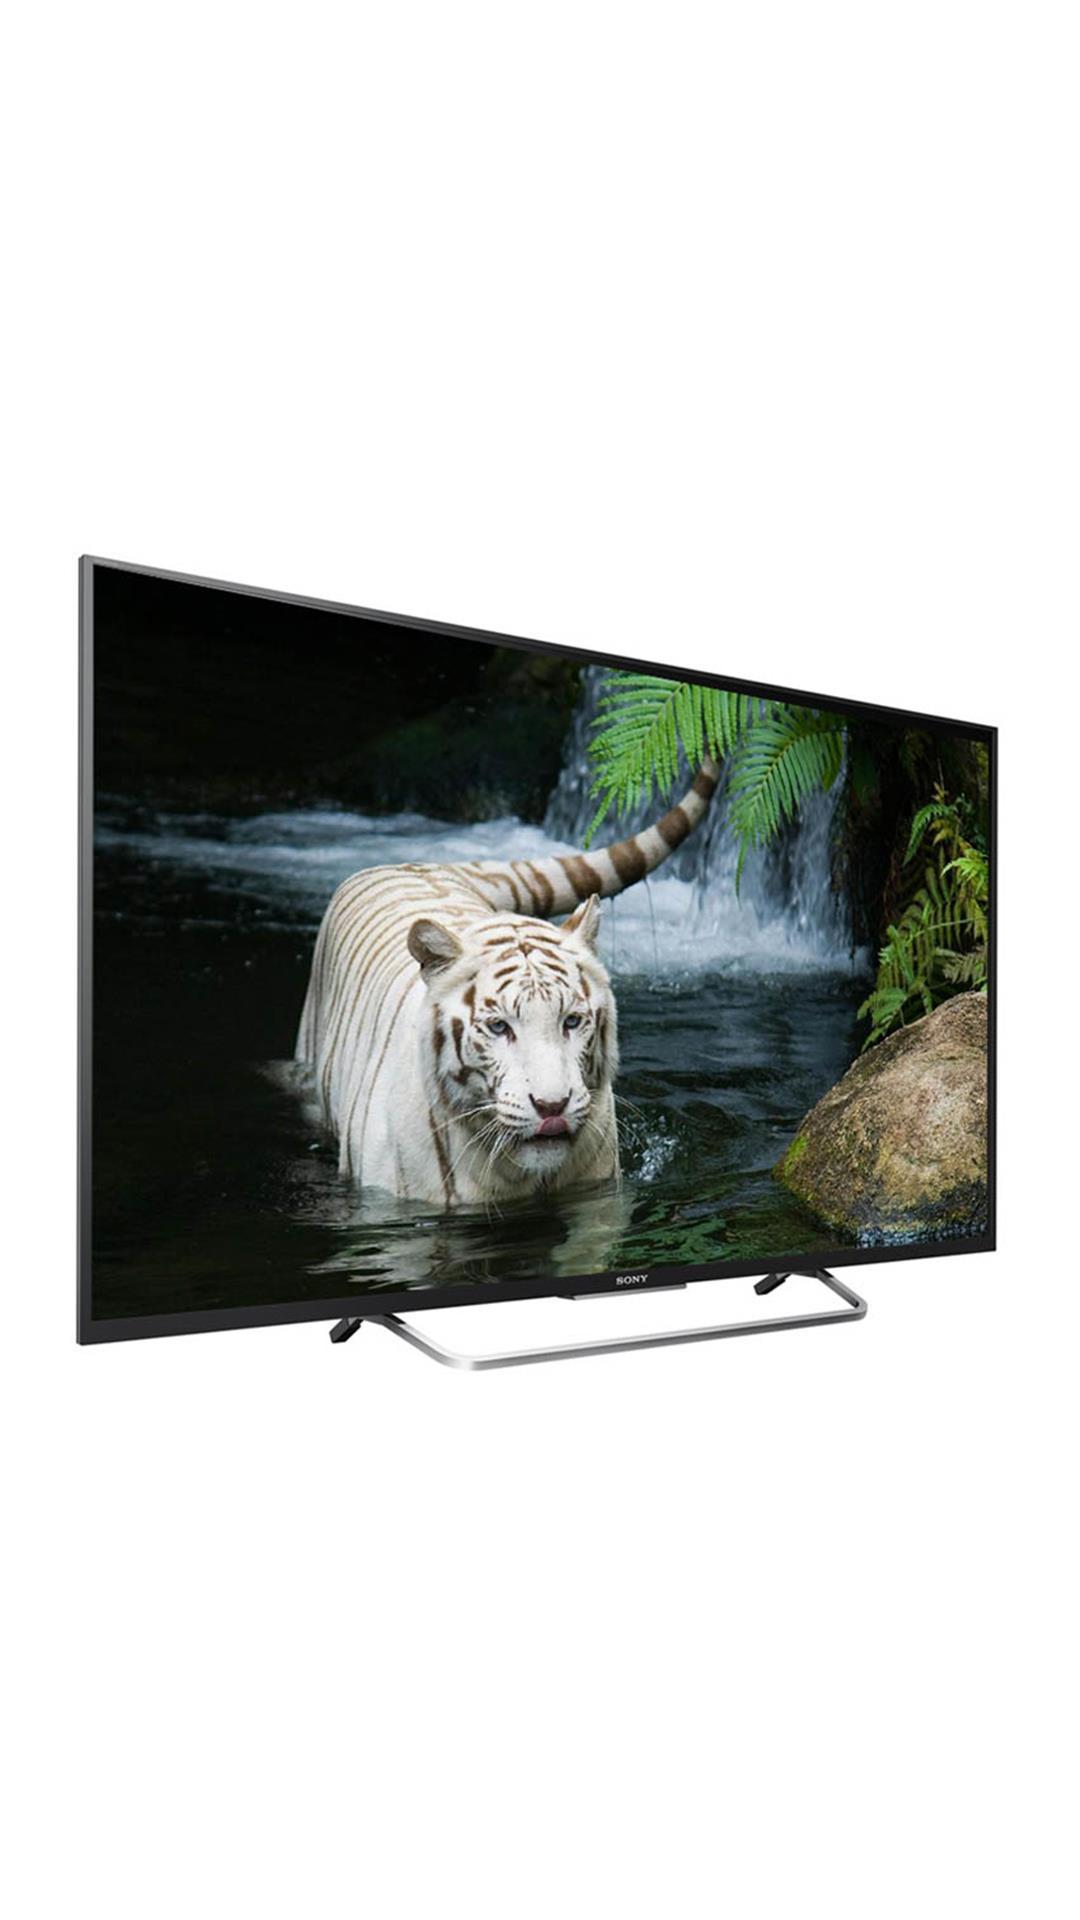 """Sony KDL-43W800D 108cm (43"""") LED TV (Full HD)"""